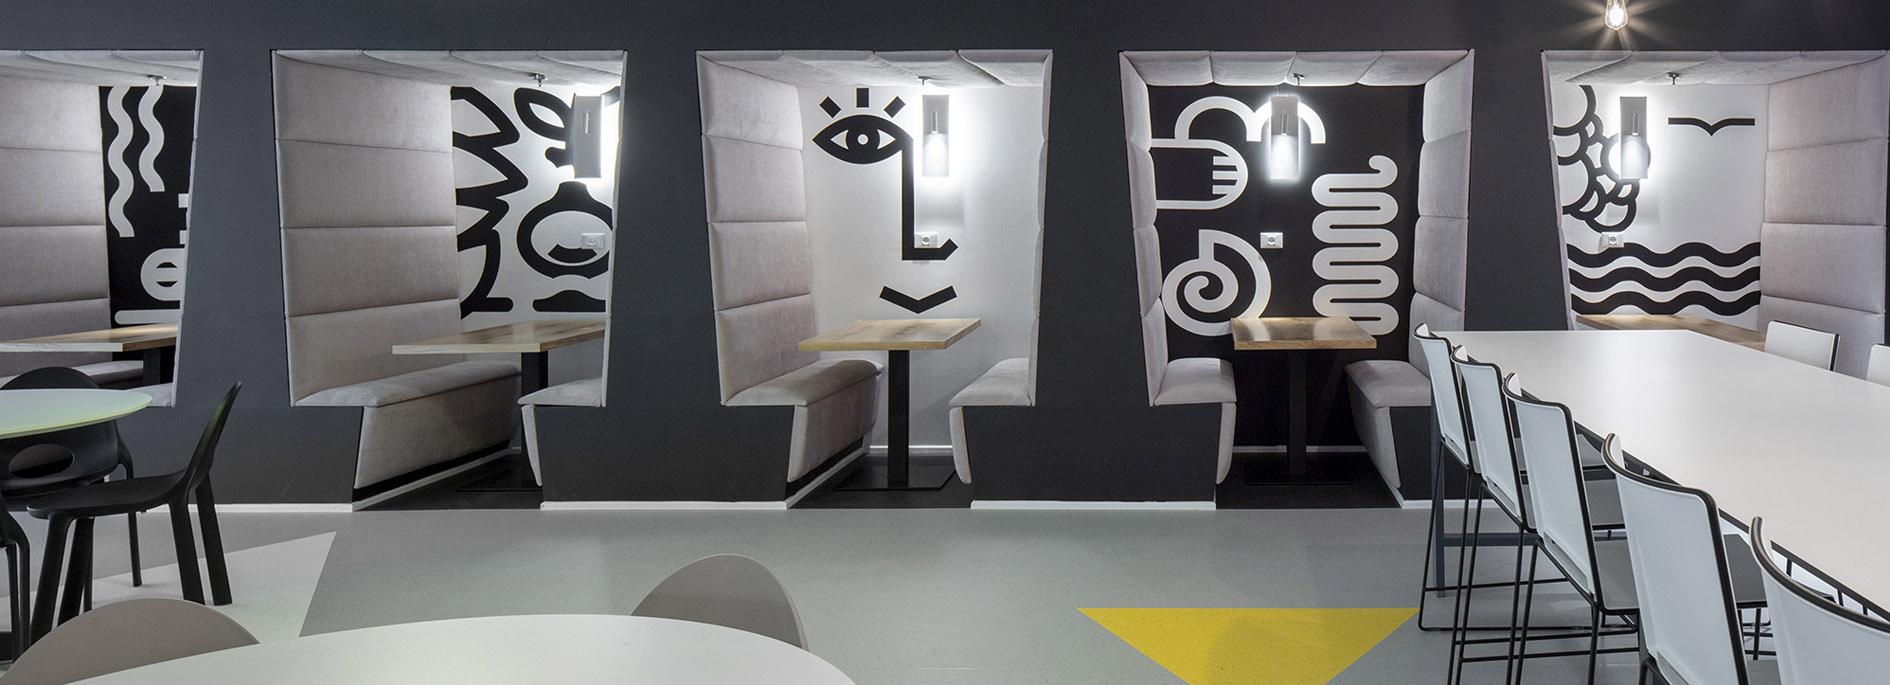 עיצוב משרדים/ מיתוג גרפי/ חברת אולסקריפט/ מיוג משרדים/ עיצוב חללי עבודהה